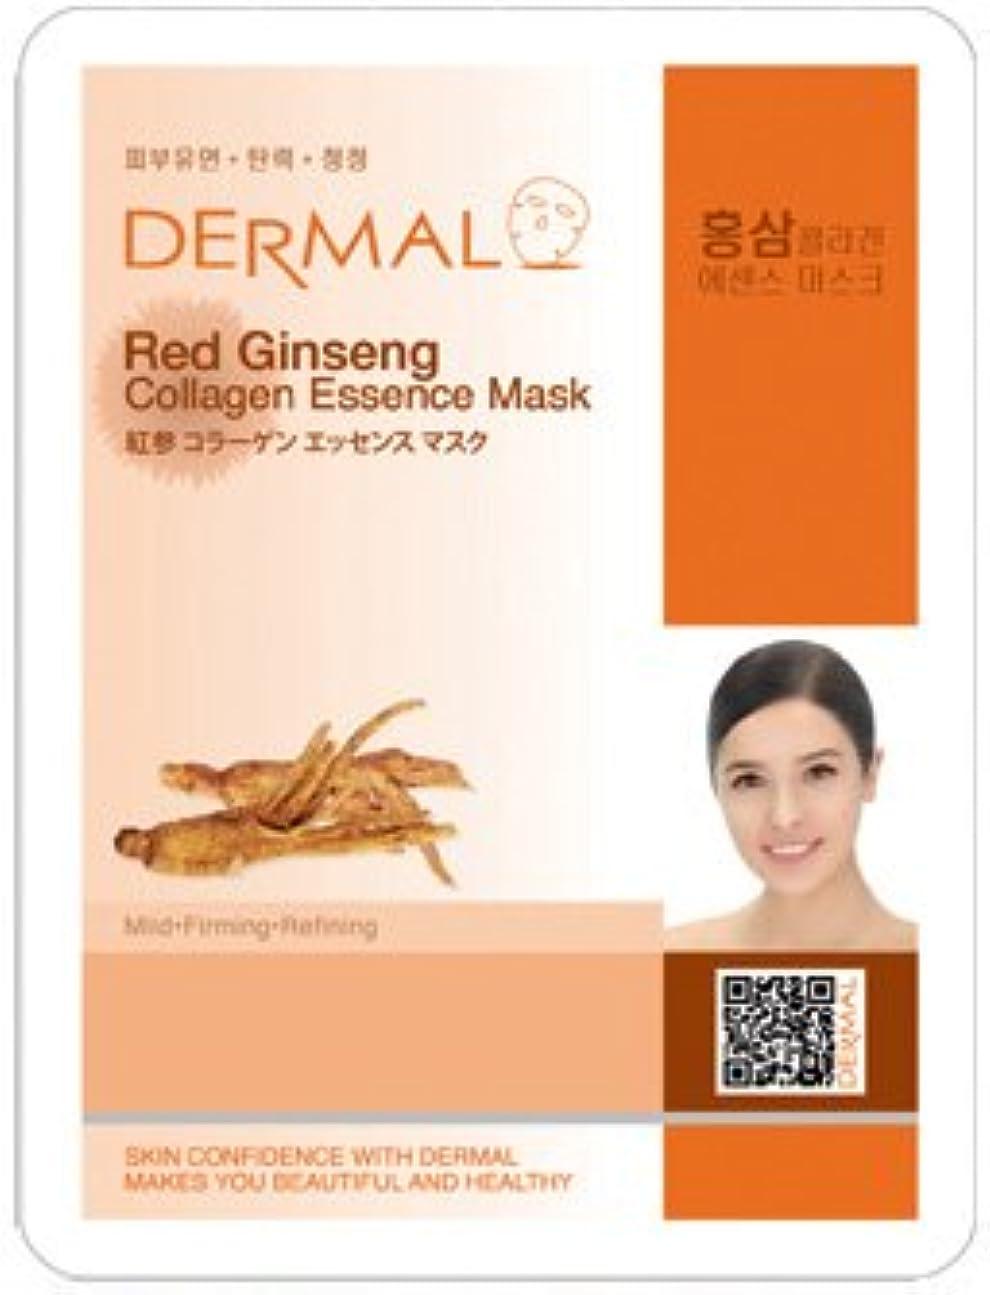 トランザクション拷問流用するシートマスク 紅参 100枚セット ダーマル(Dermal) フェイス パック